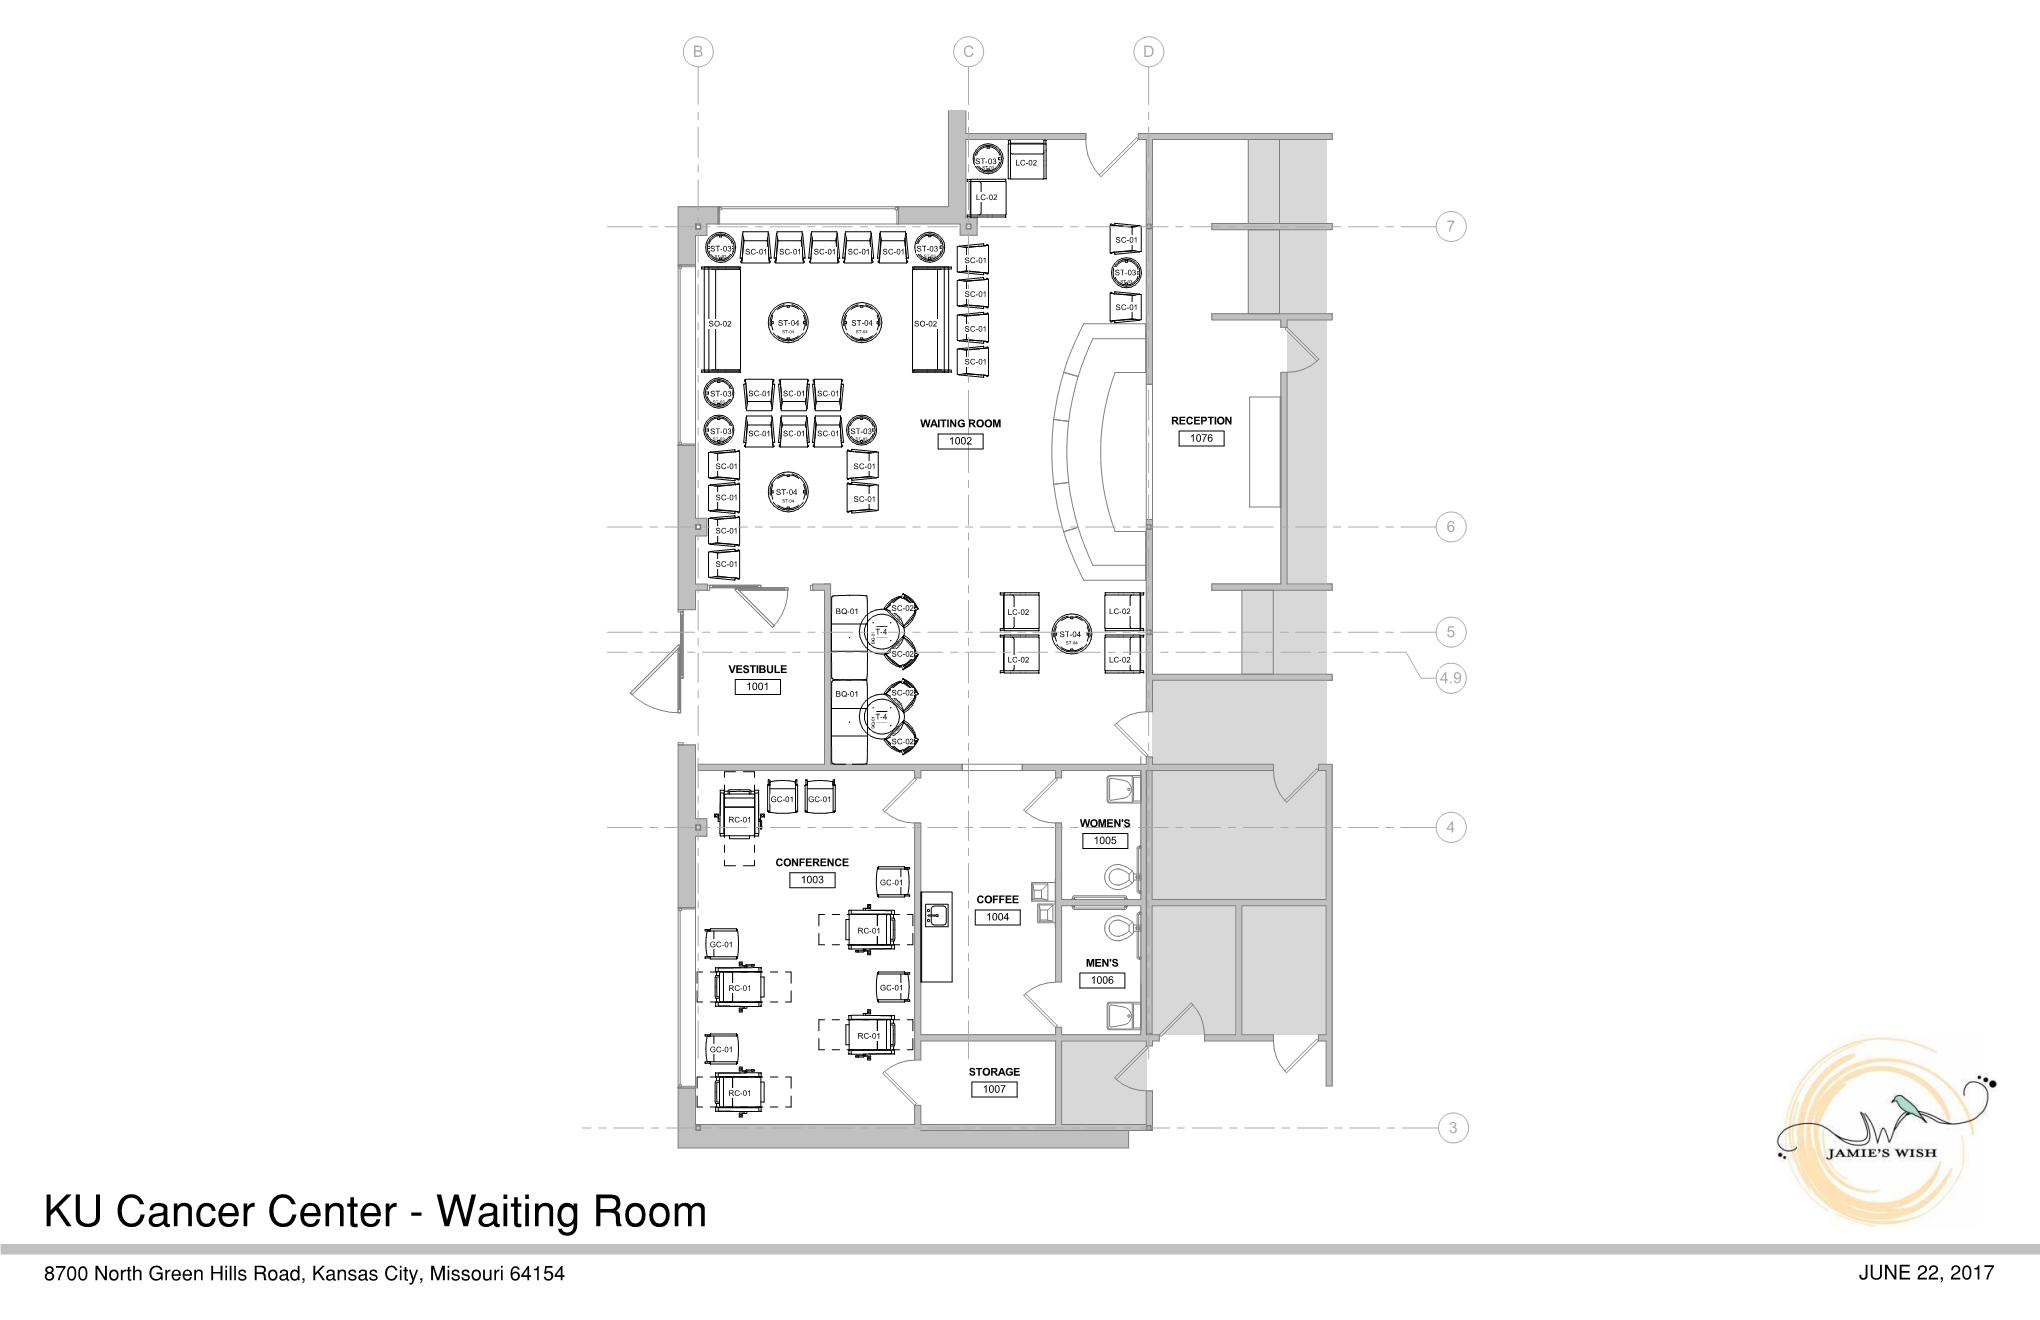 JWF - KUCC Furniture Design Sheet Page 004.png